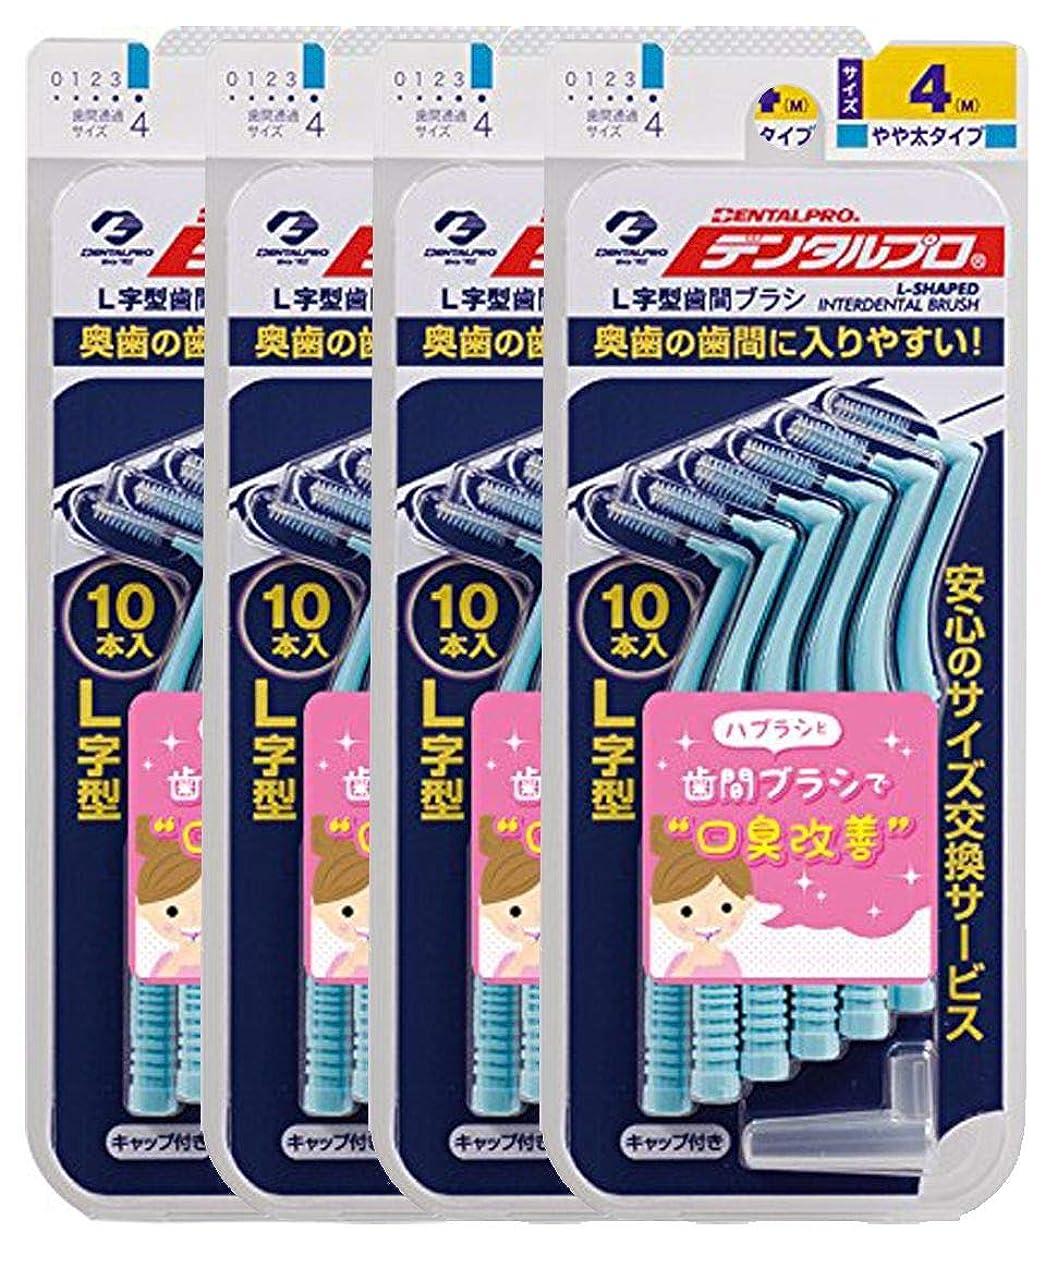 本物広告するパッチデンタルプロ 歯間ブラシ L字型 10本入 サイズ 4 (M) × 4個セット